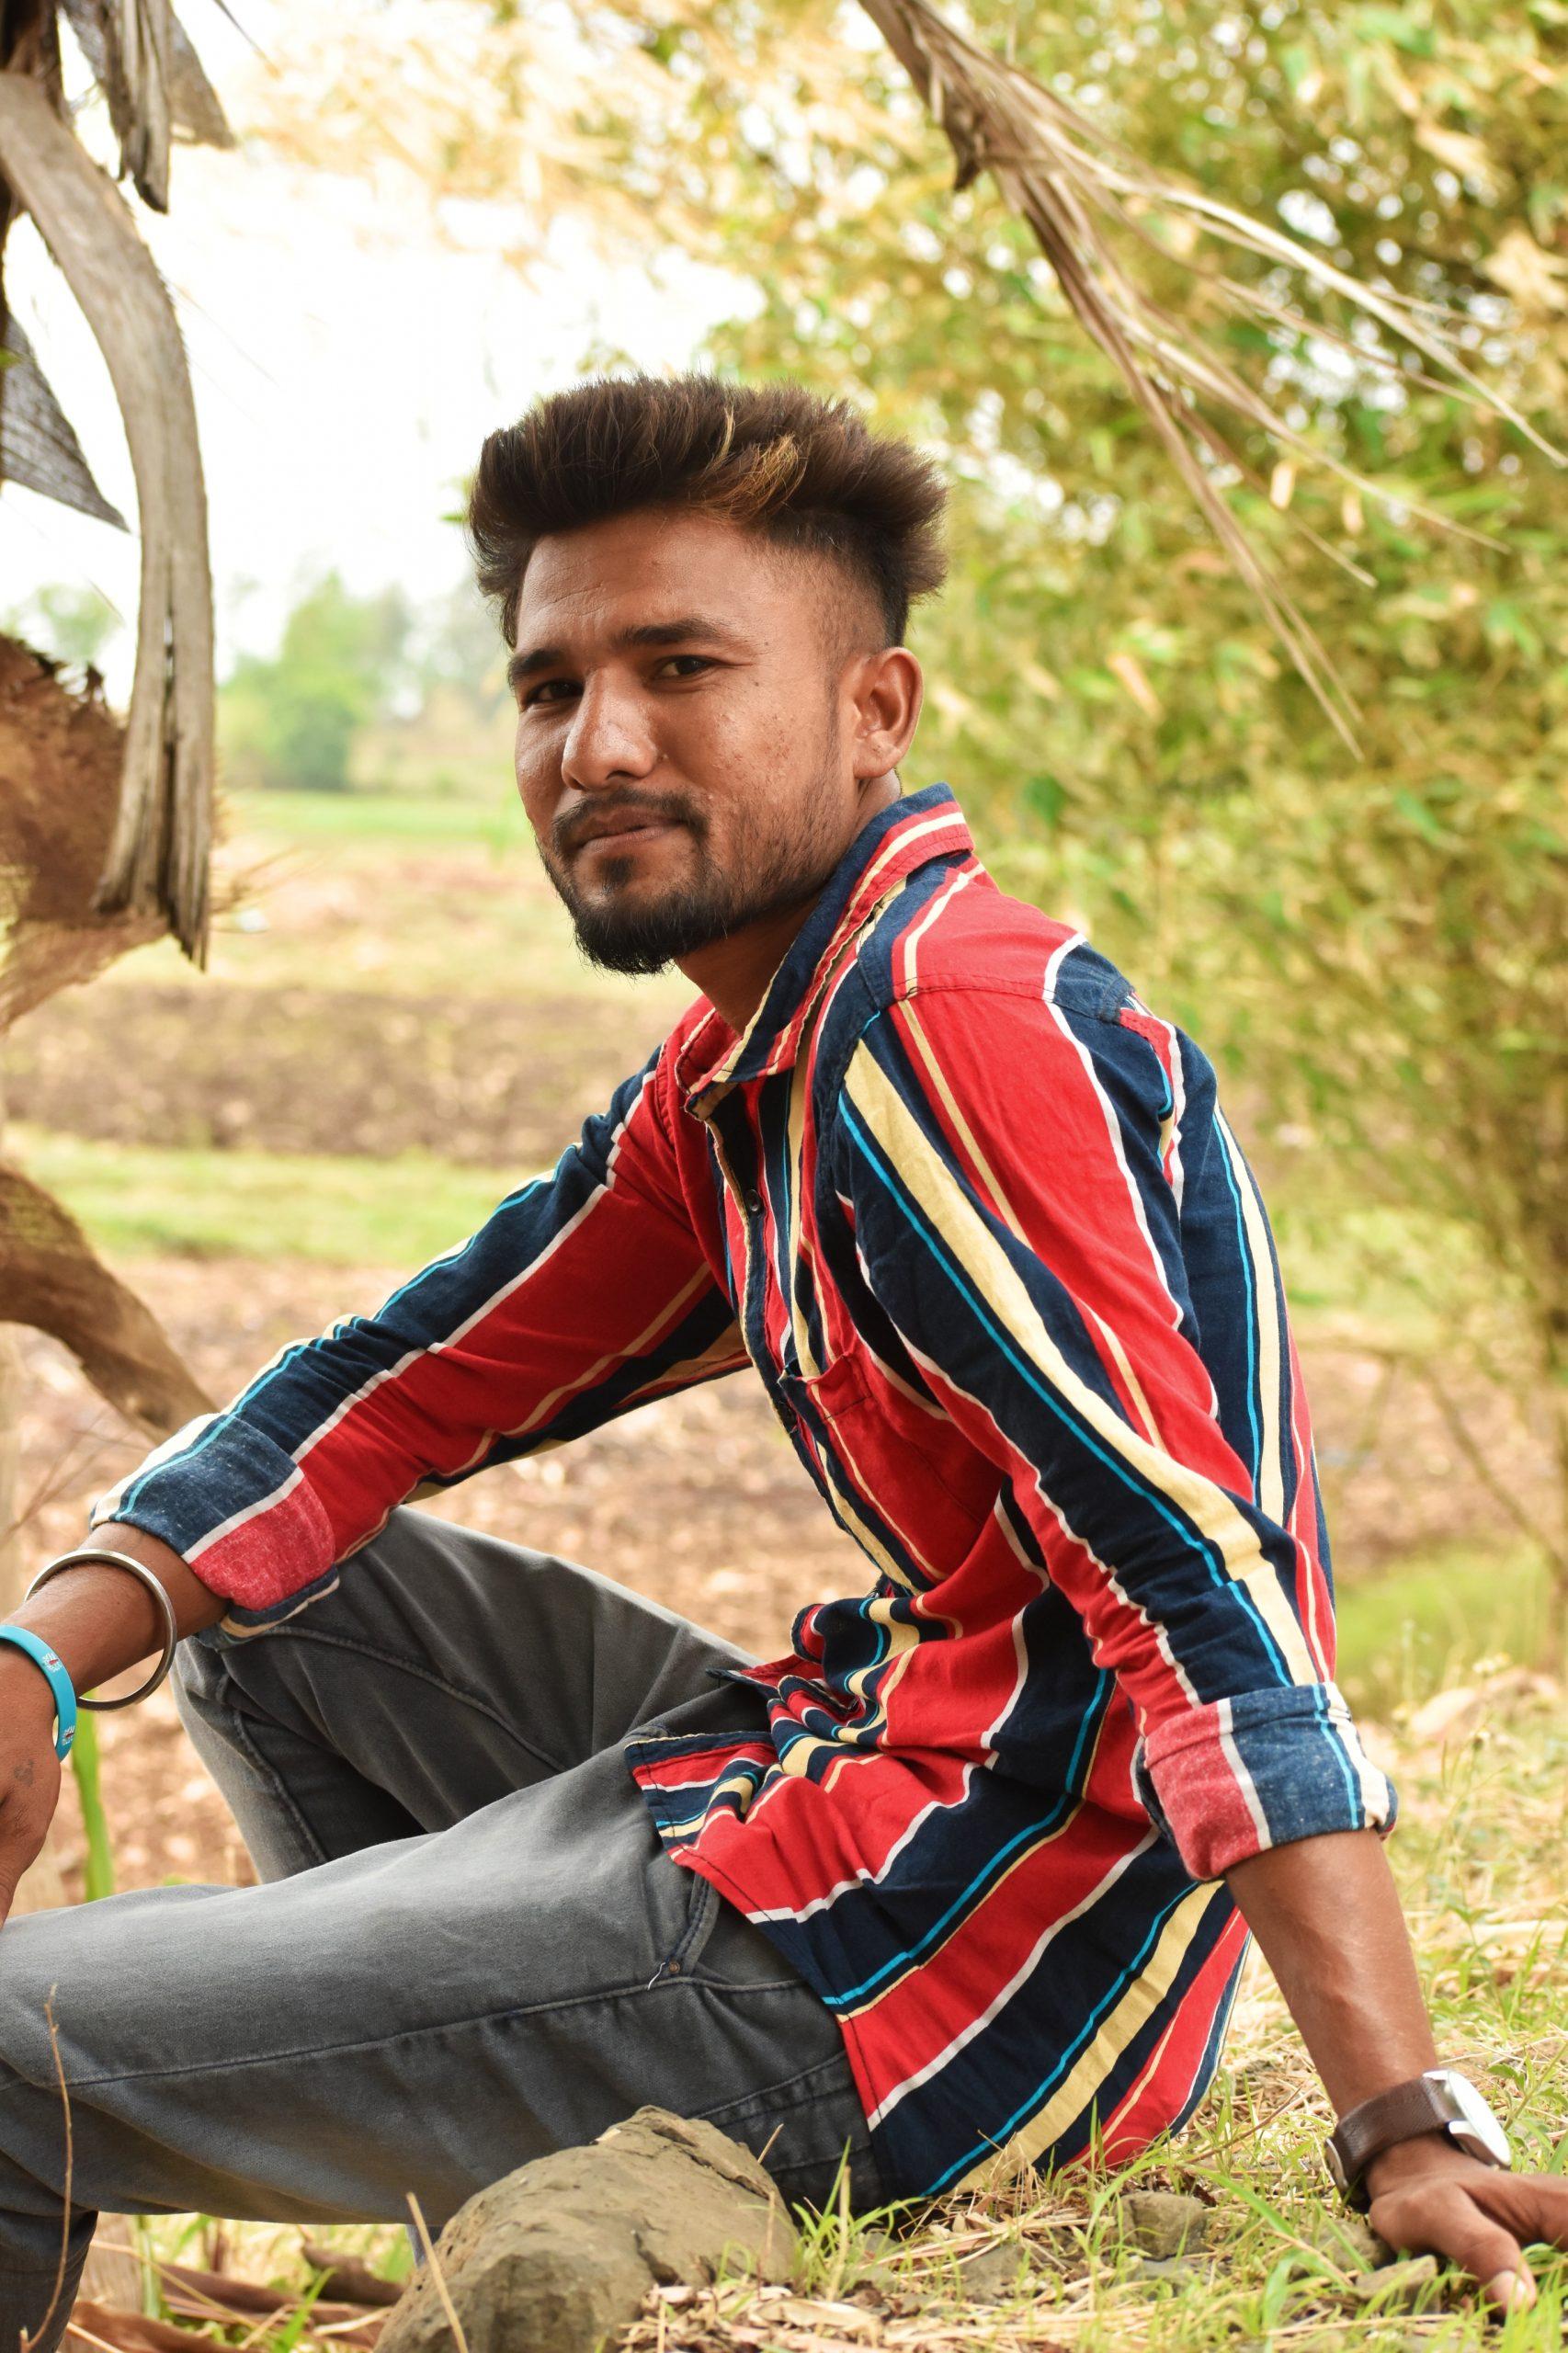 Model boy posing in farm